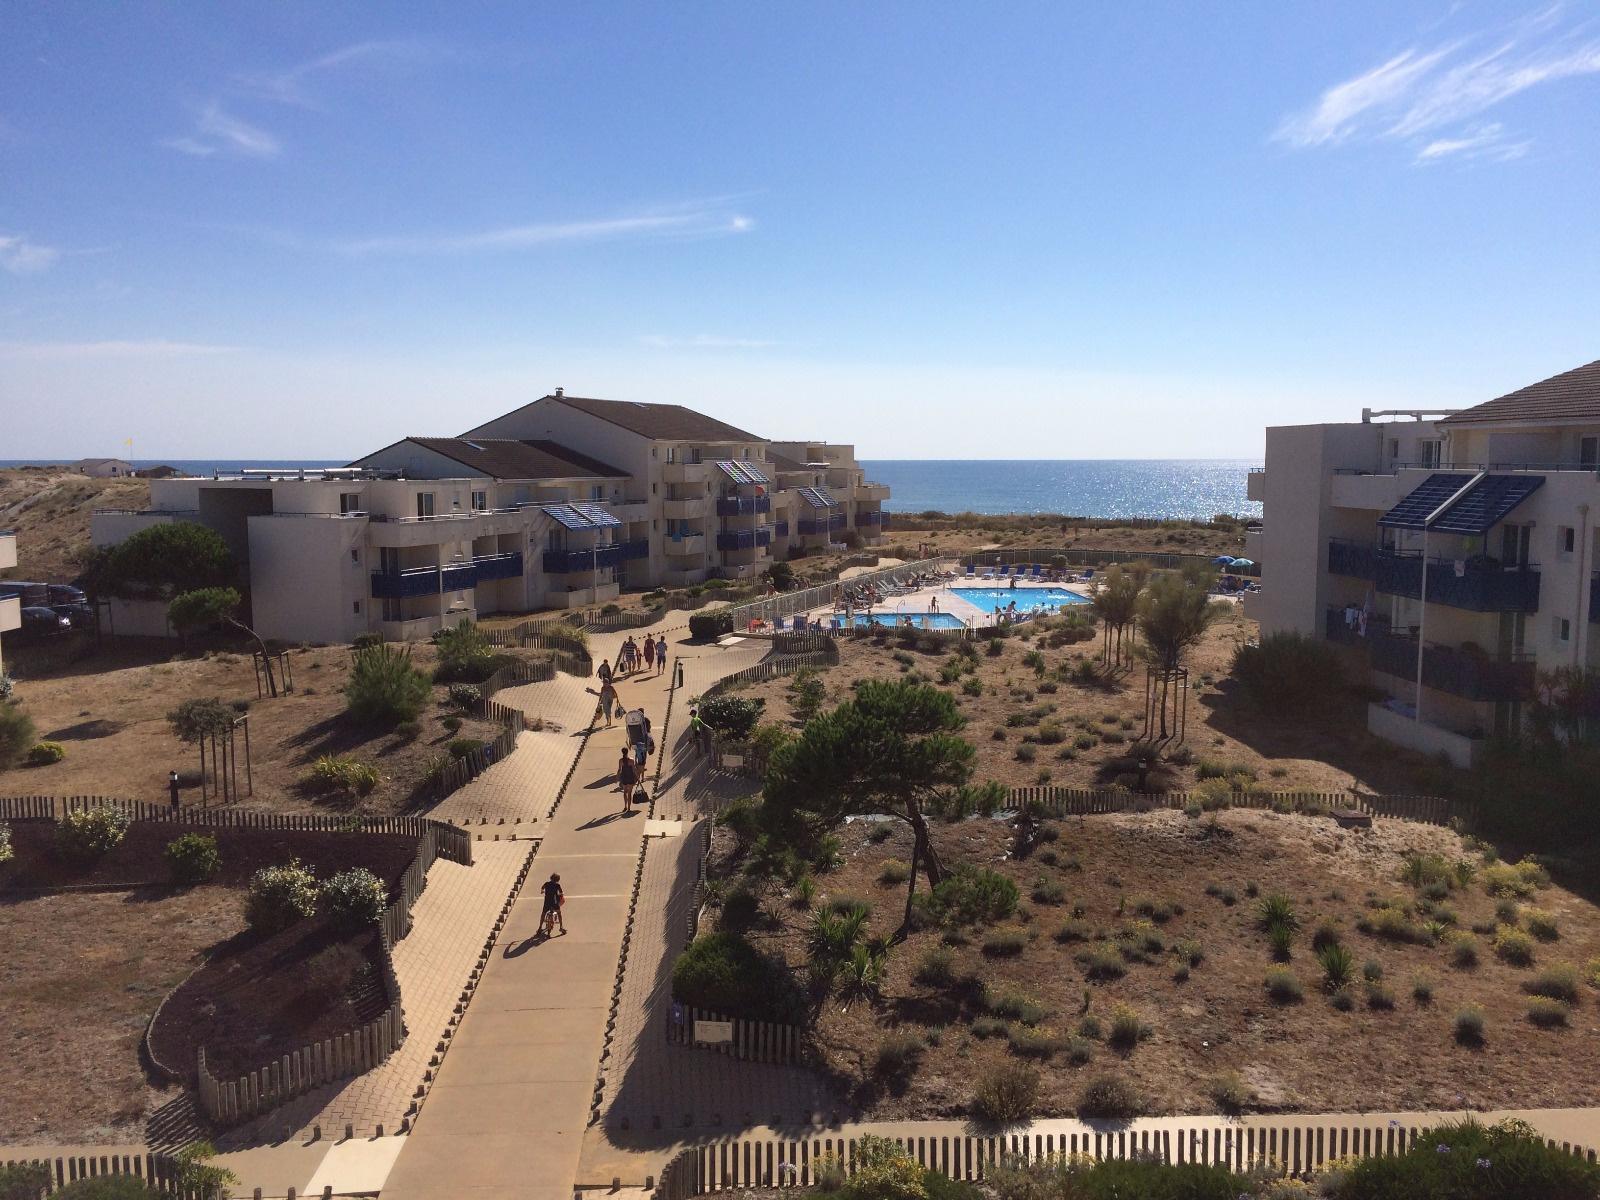 Location de vacances Appartement Lacanau ocean (33680)